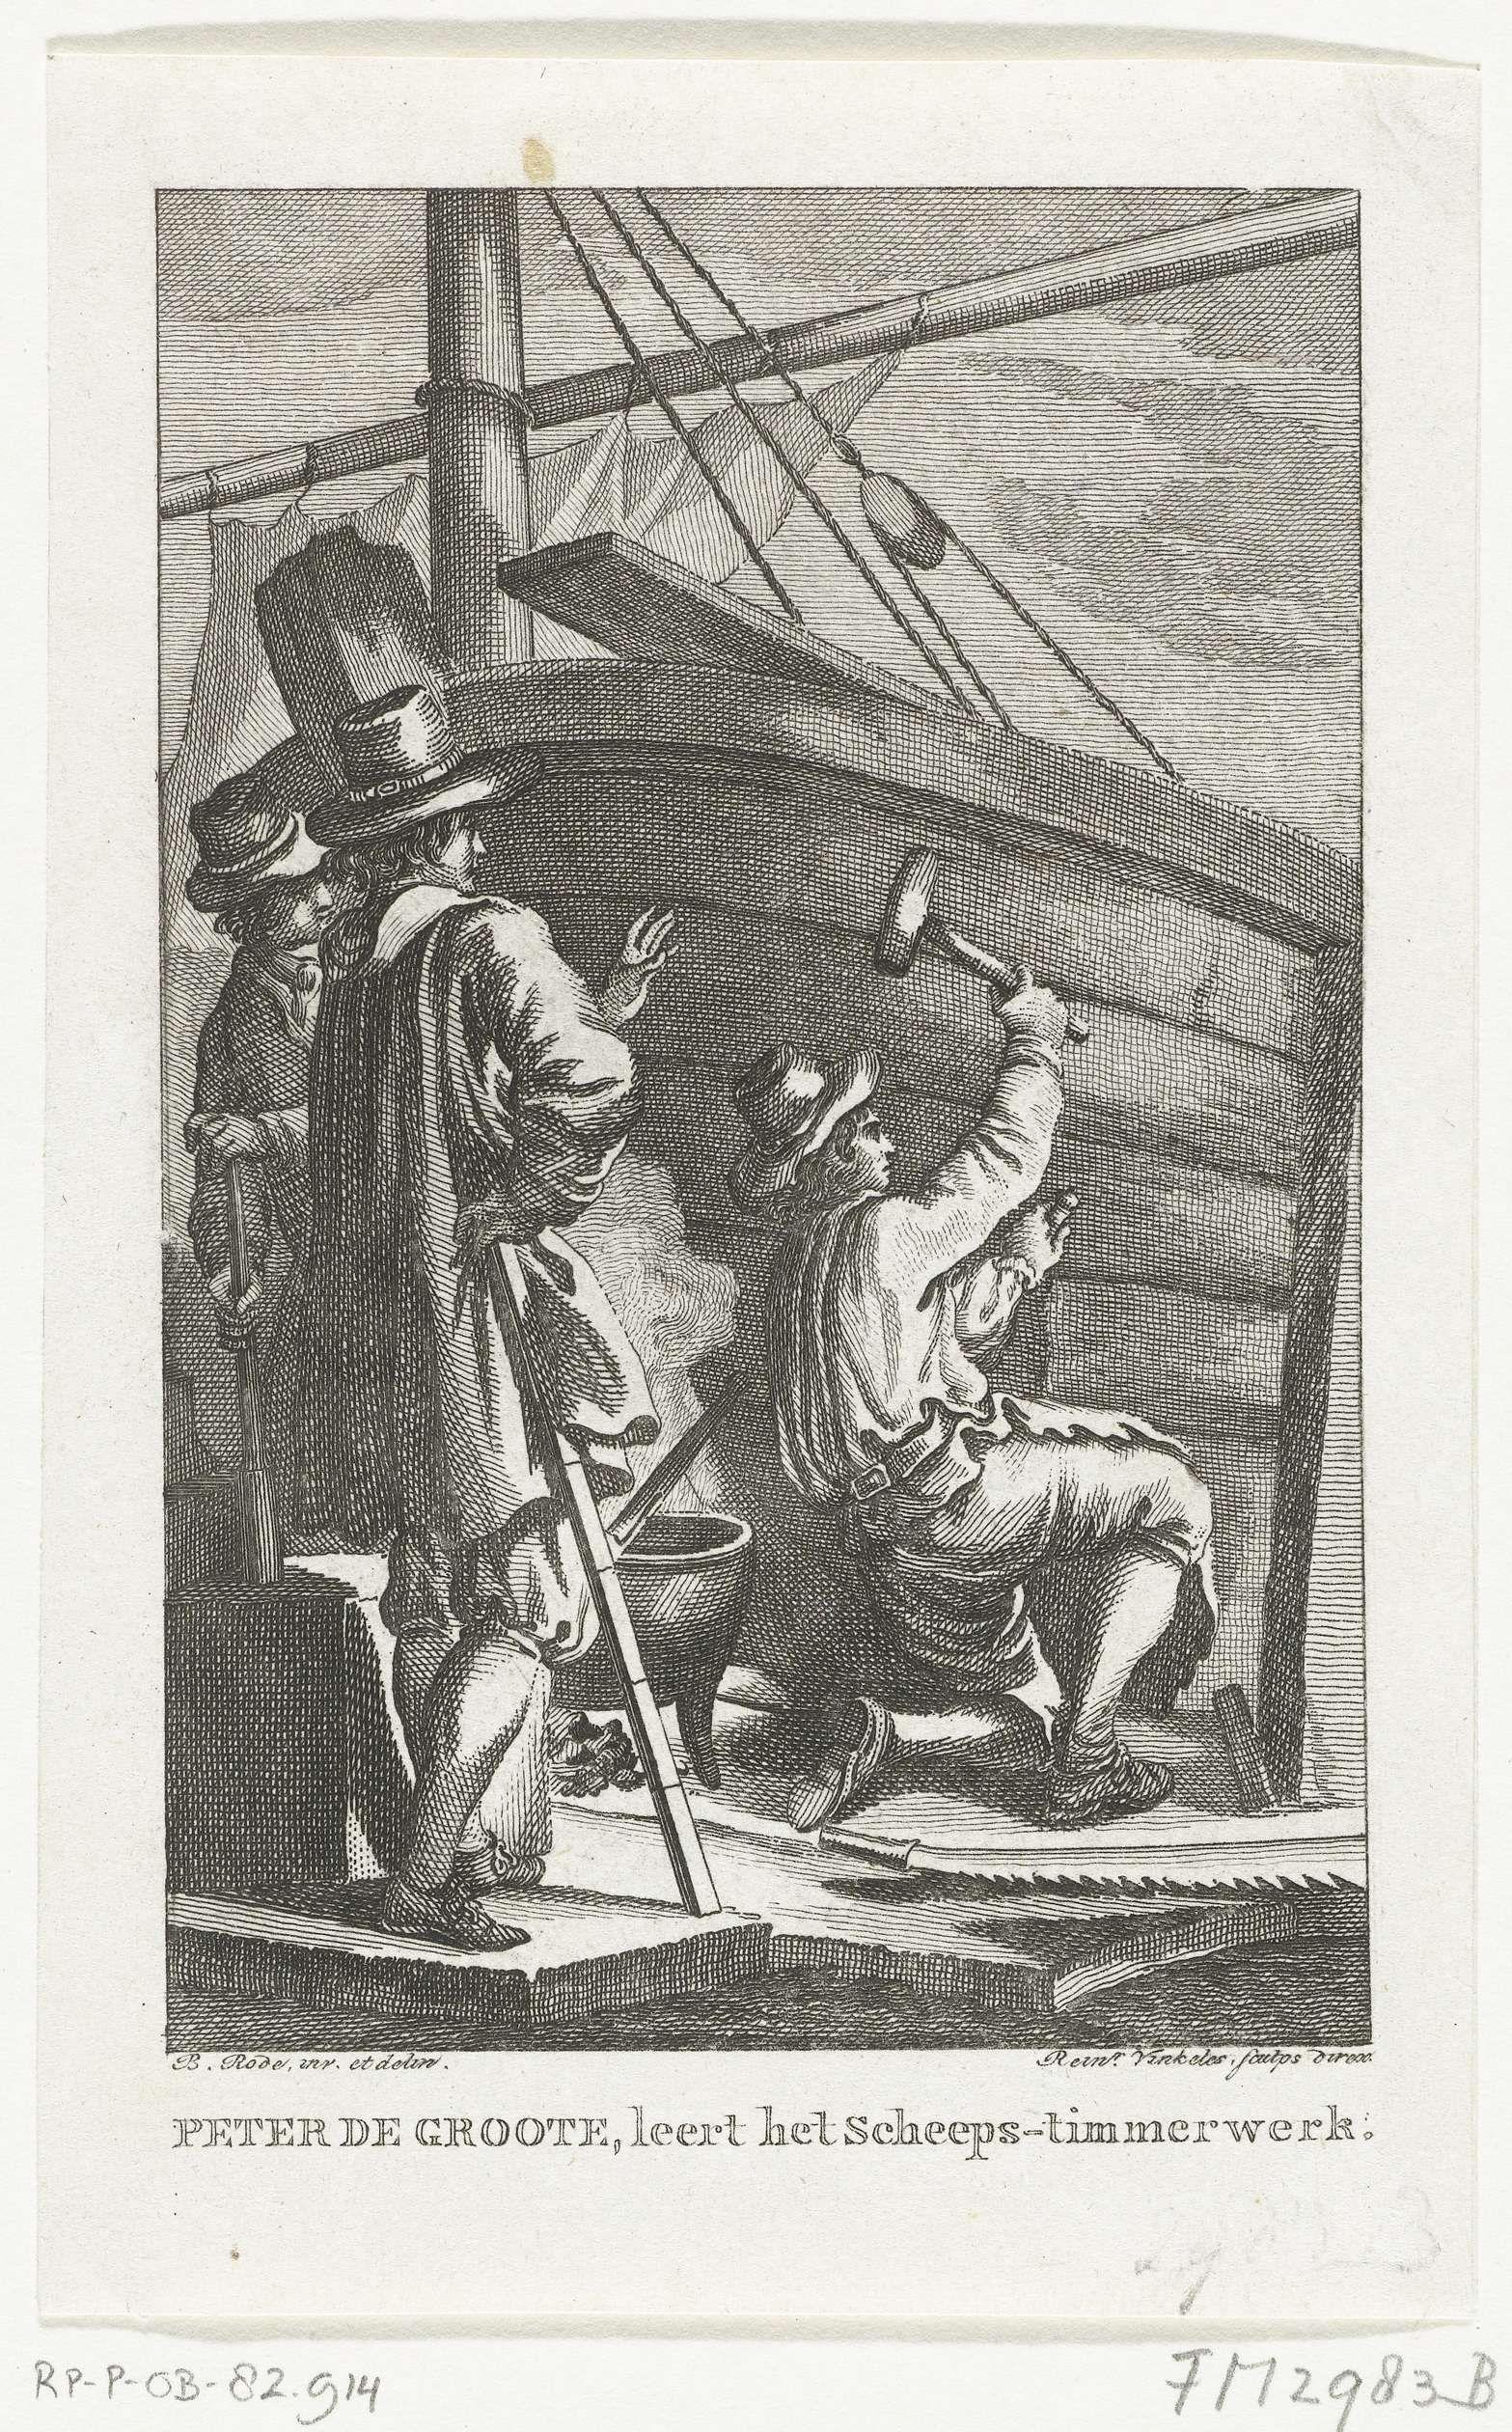 Reinier Vinkeles | Tsaar Peter de Grote werkend op de werf te Amsterdam, 1697, Reinier Vinkeles, 1751 - 1797 | Tsaar Peter de Grote werkend op de werf van de VOC te Amsterdam, augustus 1697.